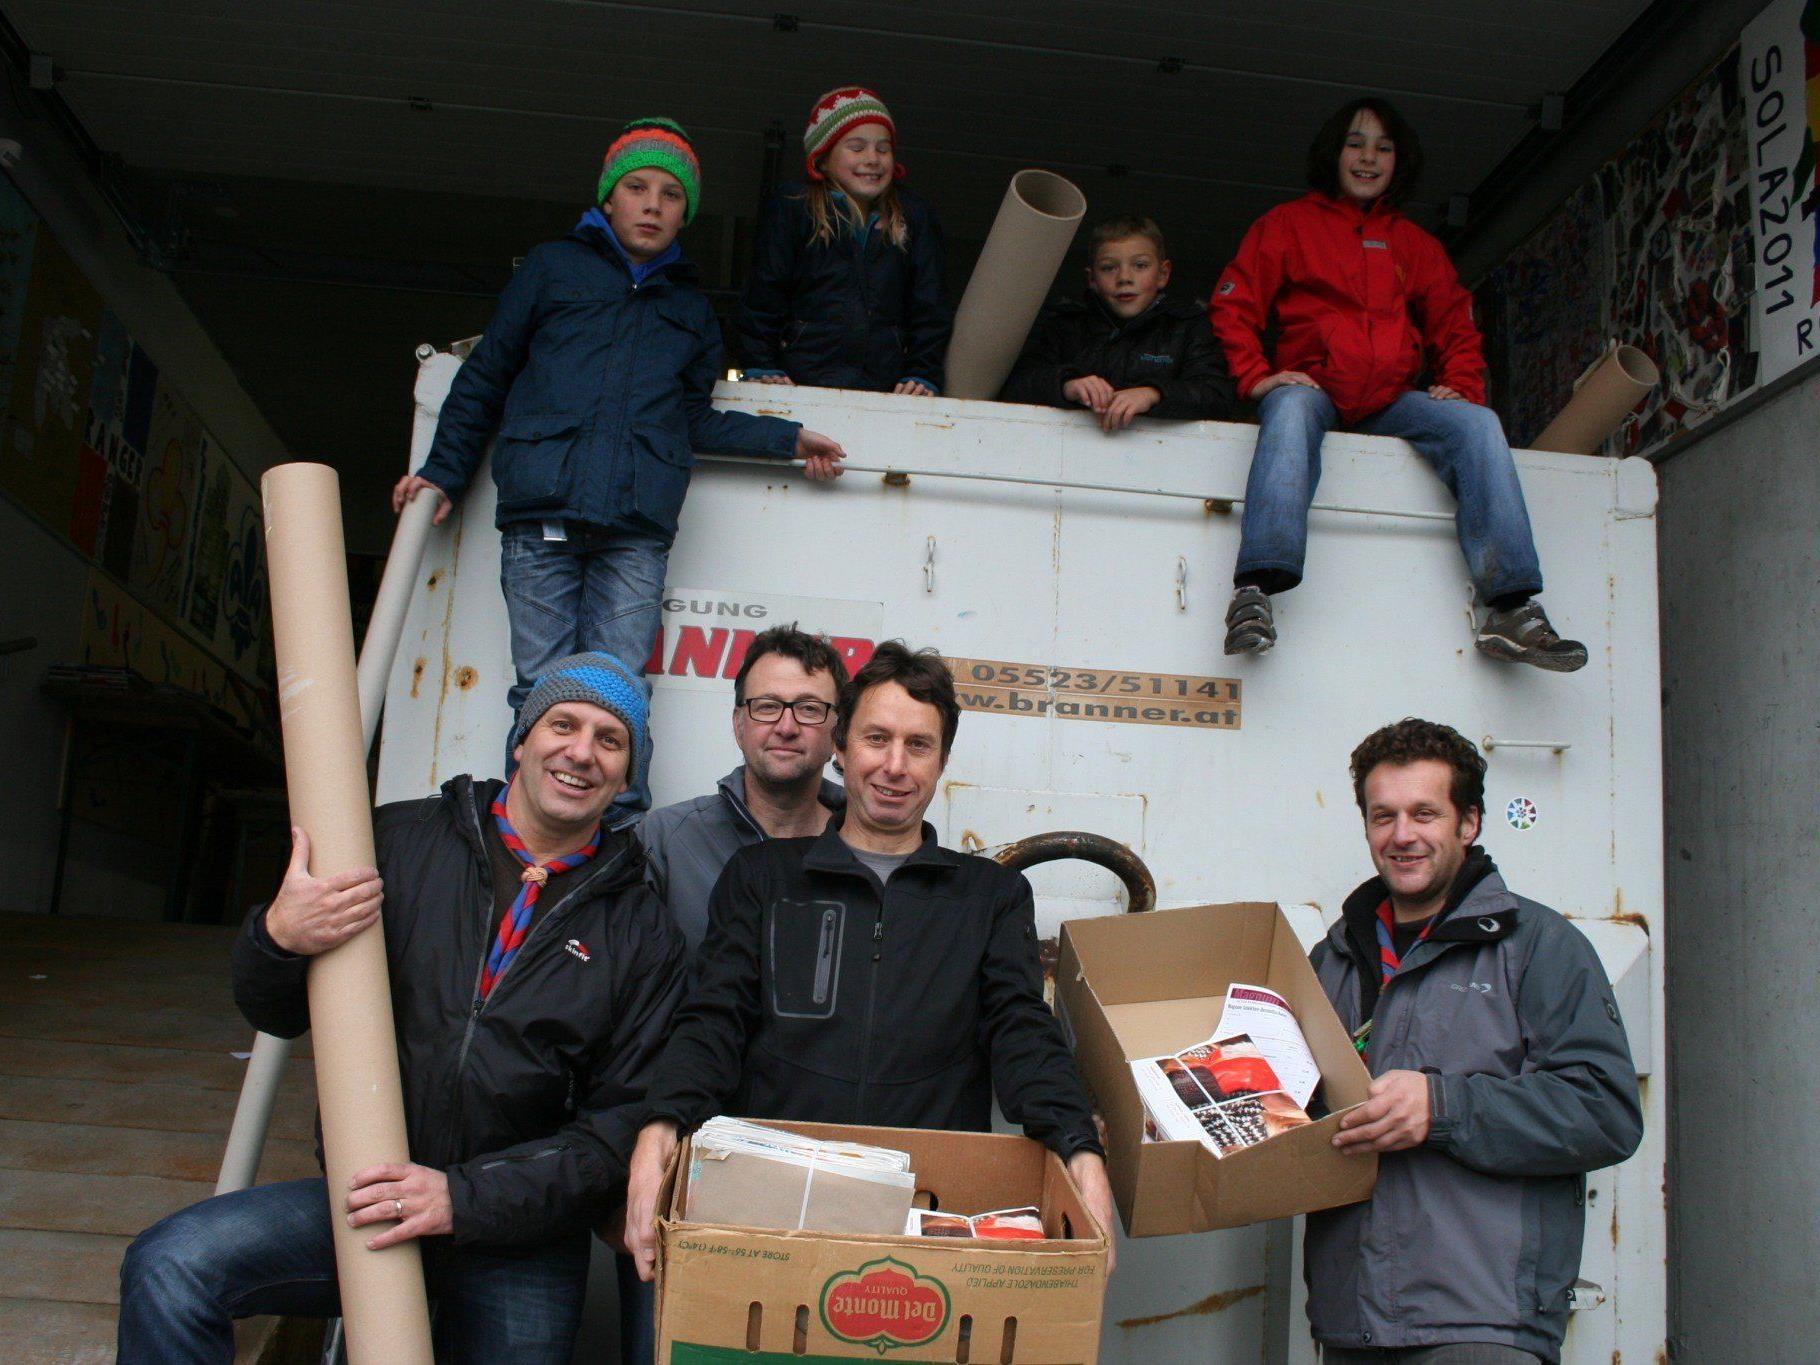 Jeden Samstag stehen freiwillige Helfer bereit, wie beispielsweise Sigi, Wolfgang, Elmar und Harald mit Laurin, Maximilian, Marie und Lisa.